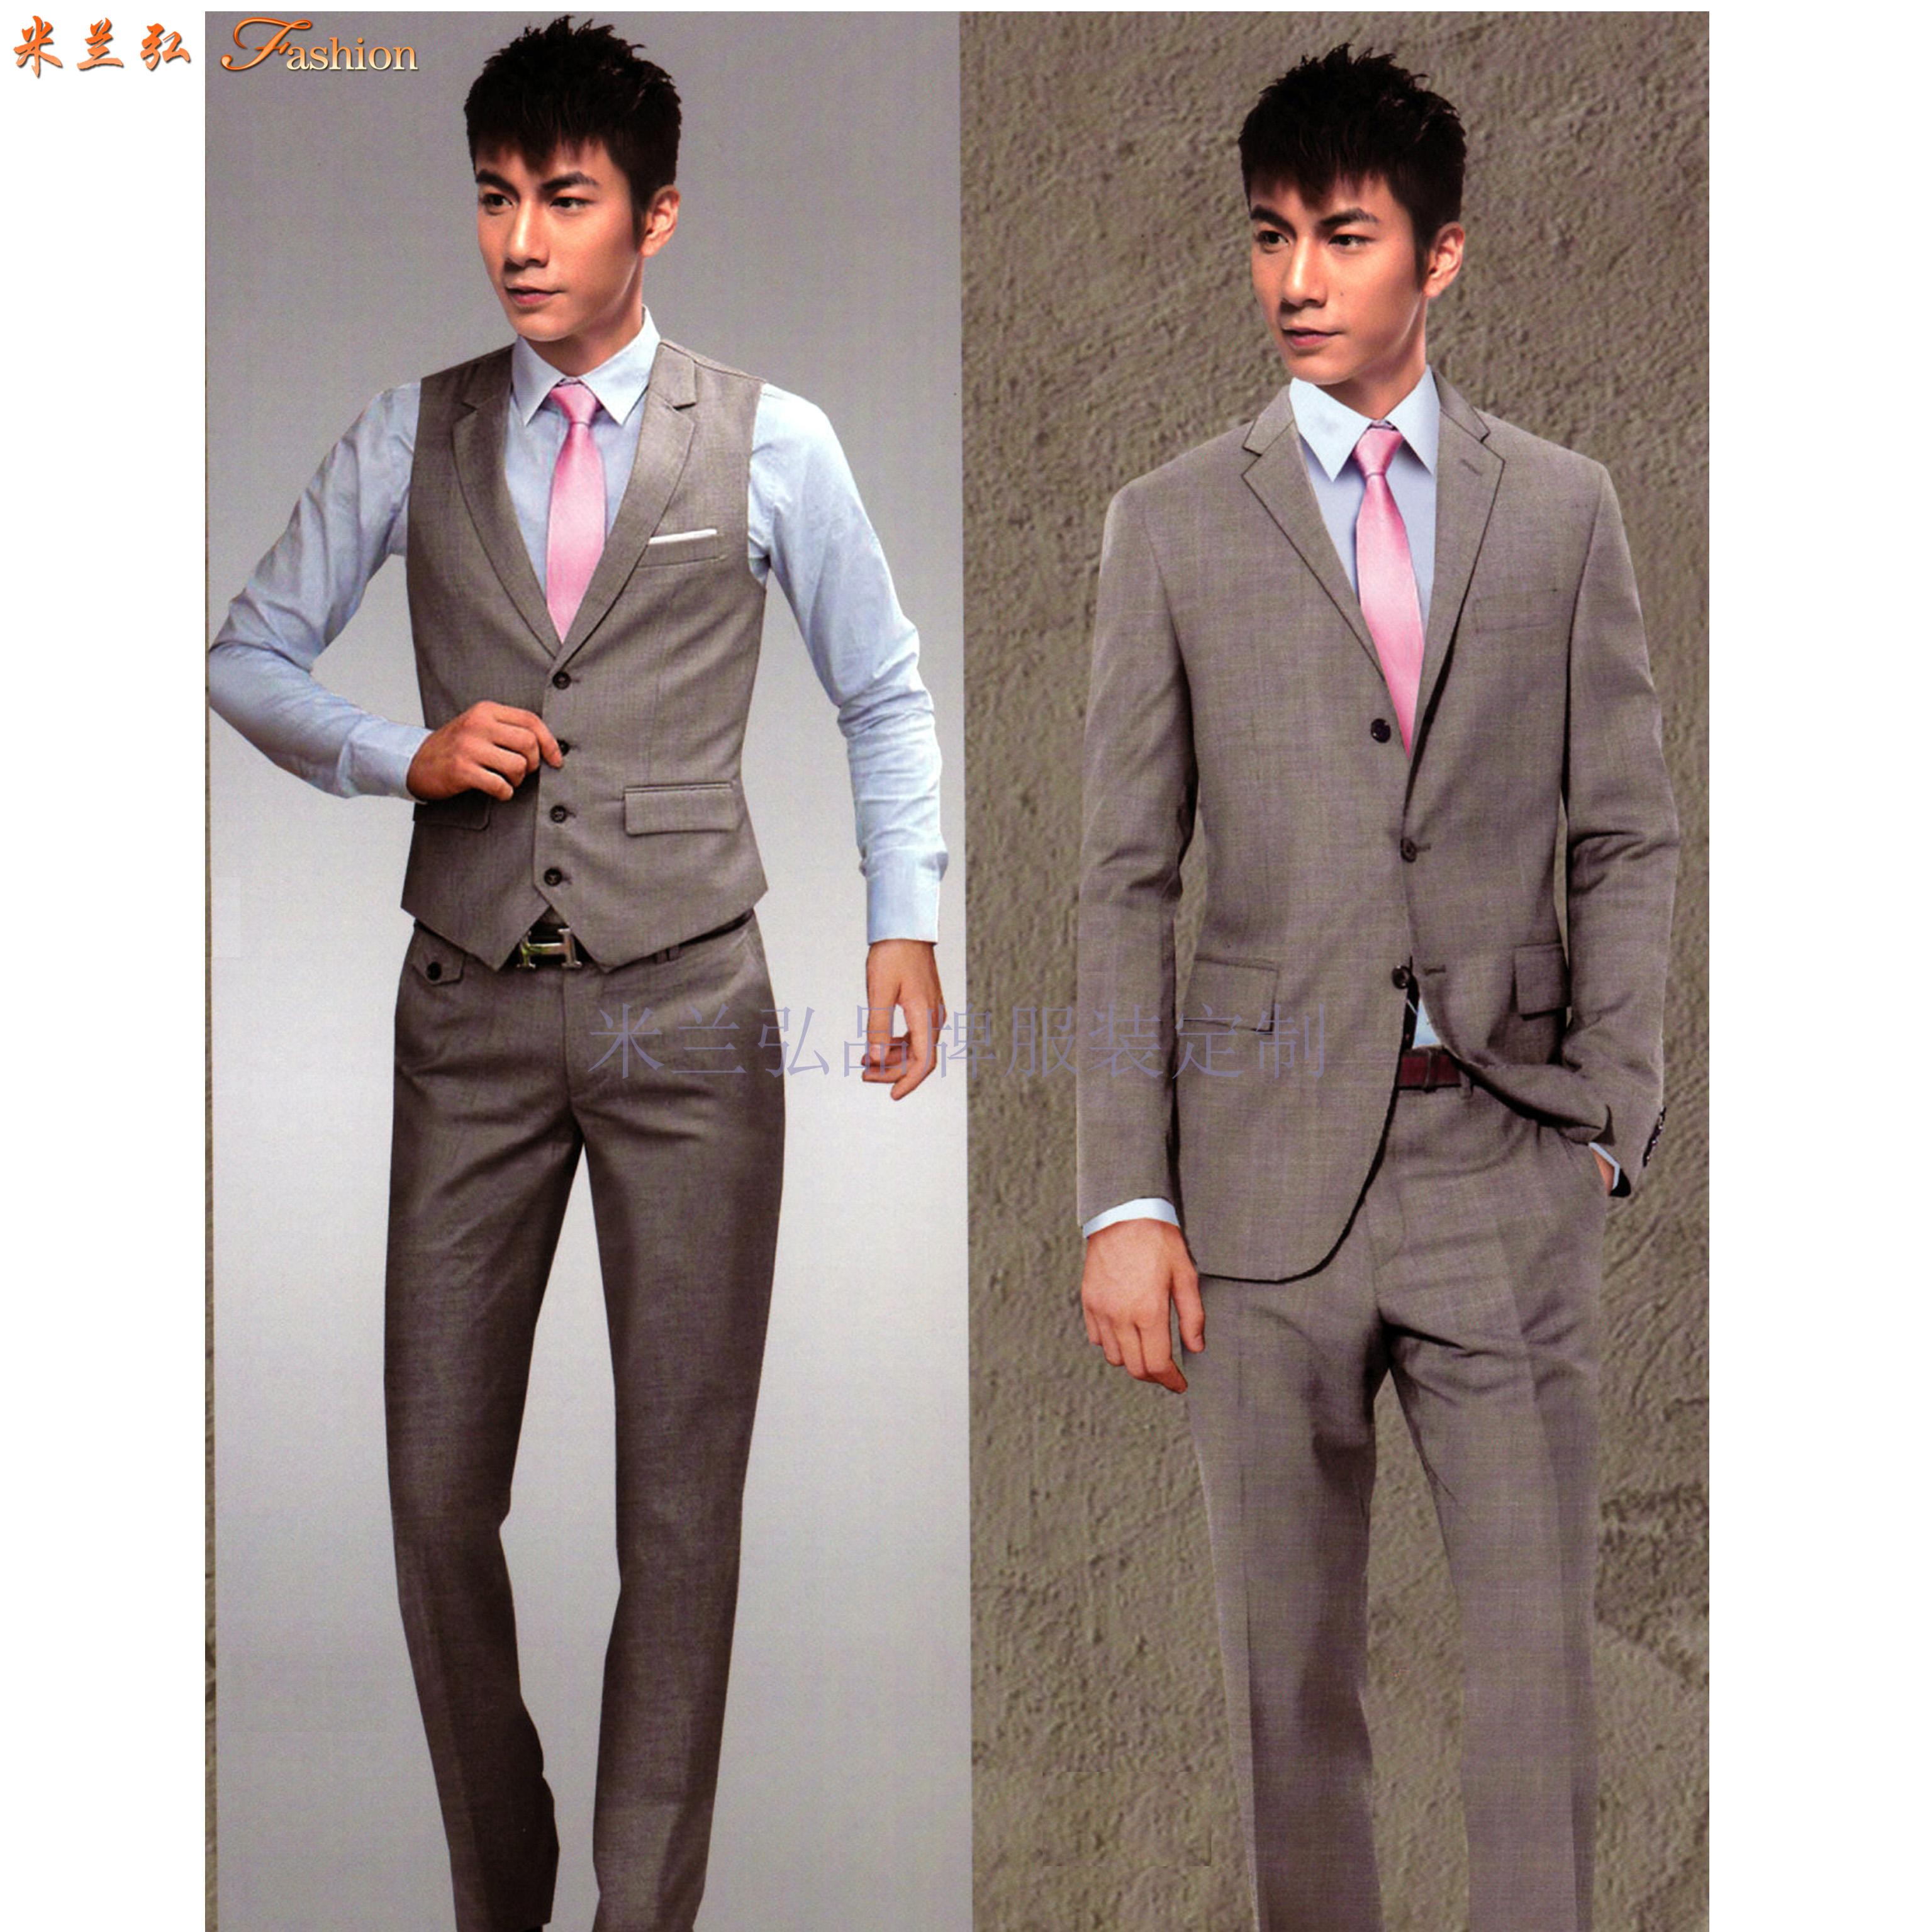 「北京西装定制」「北京西装订制」-米兰弘品牌西装👍-2